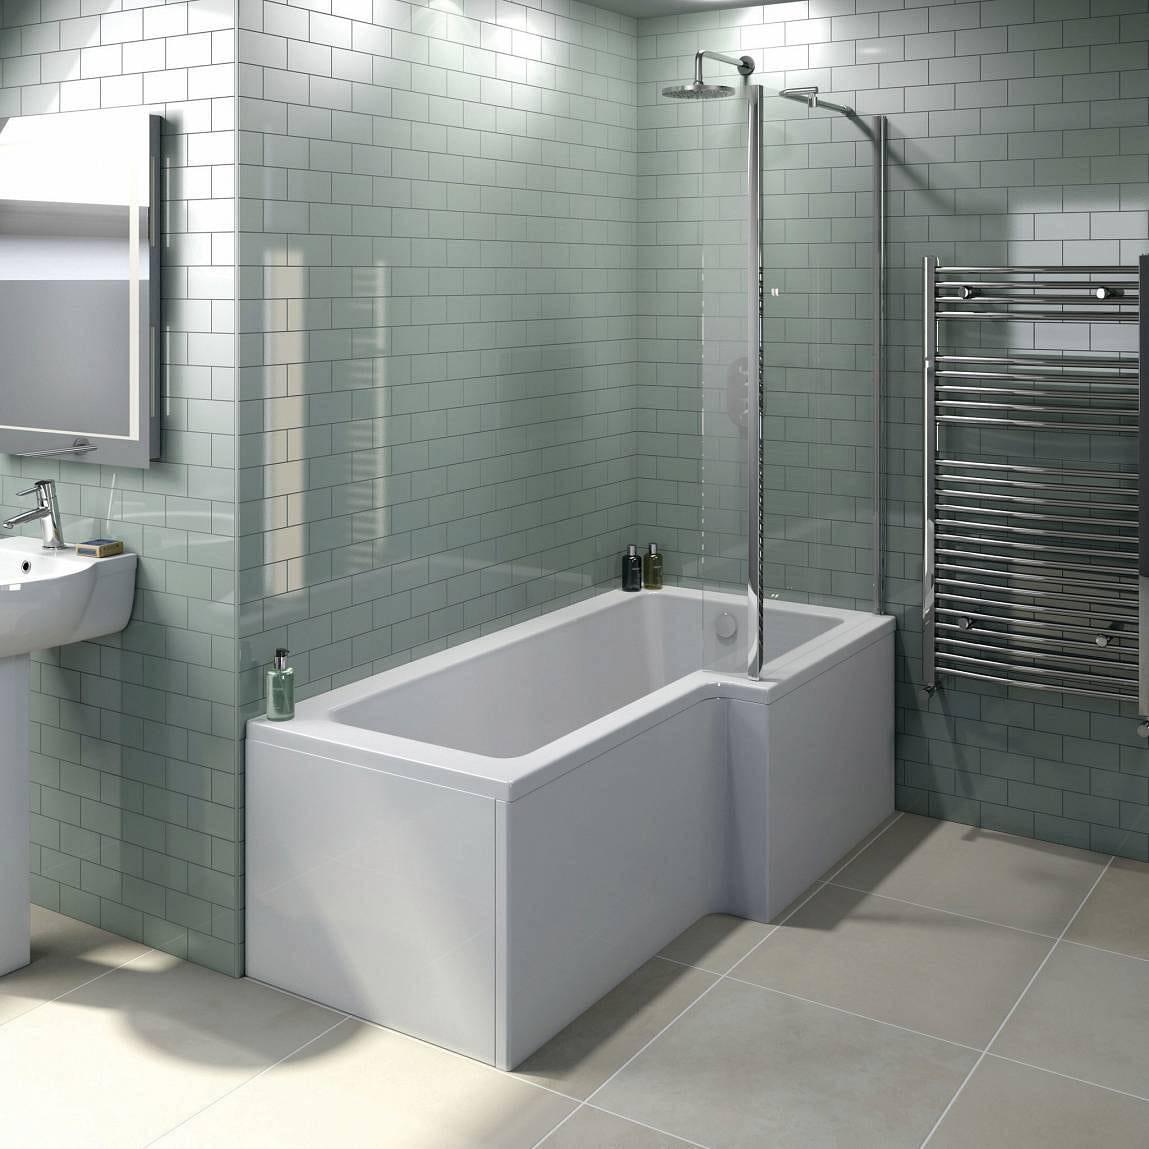 Boston Shower Bath 1500 x 850 RH inc. Screen